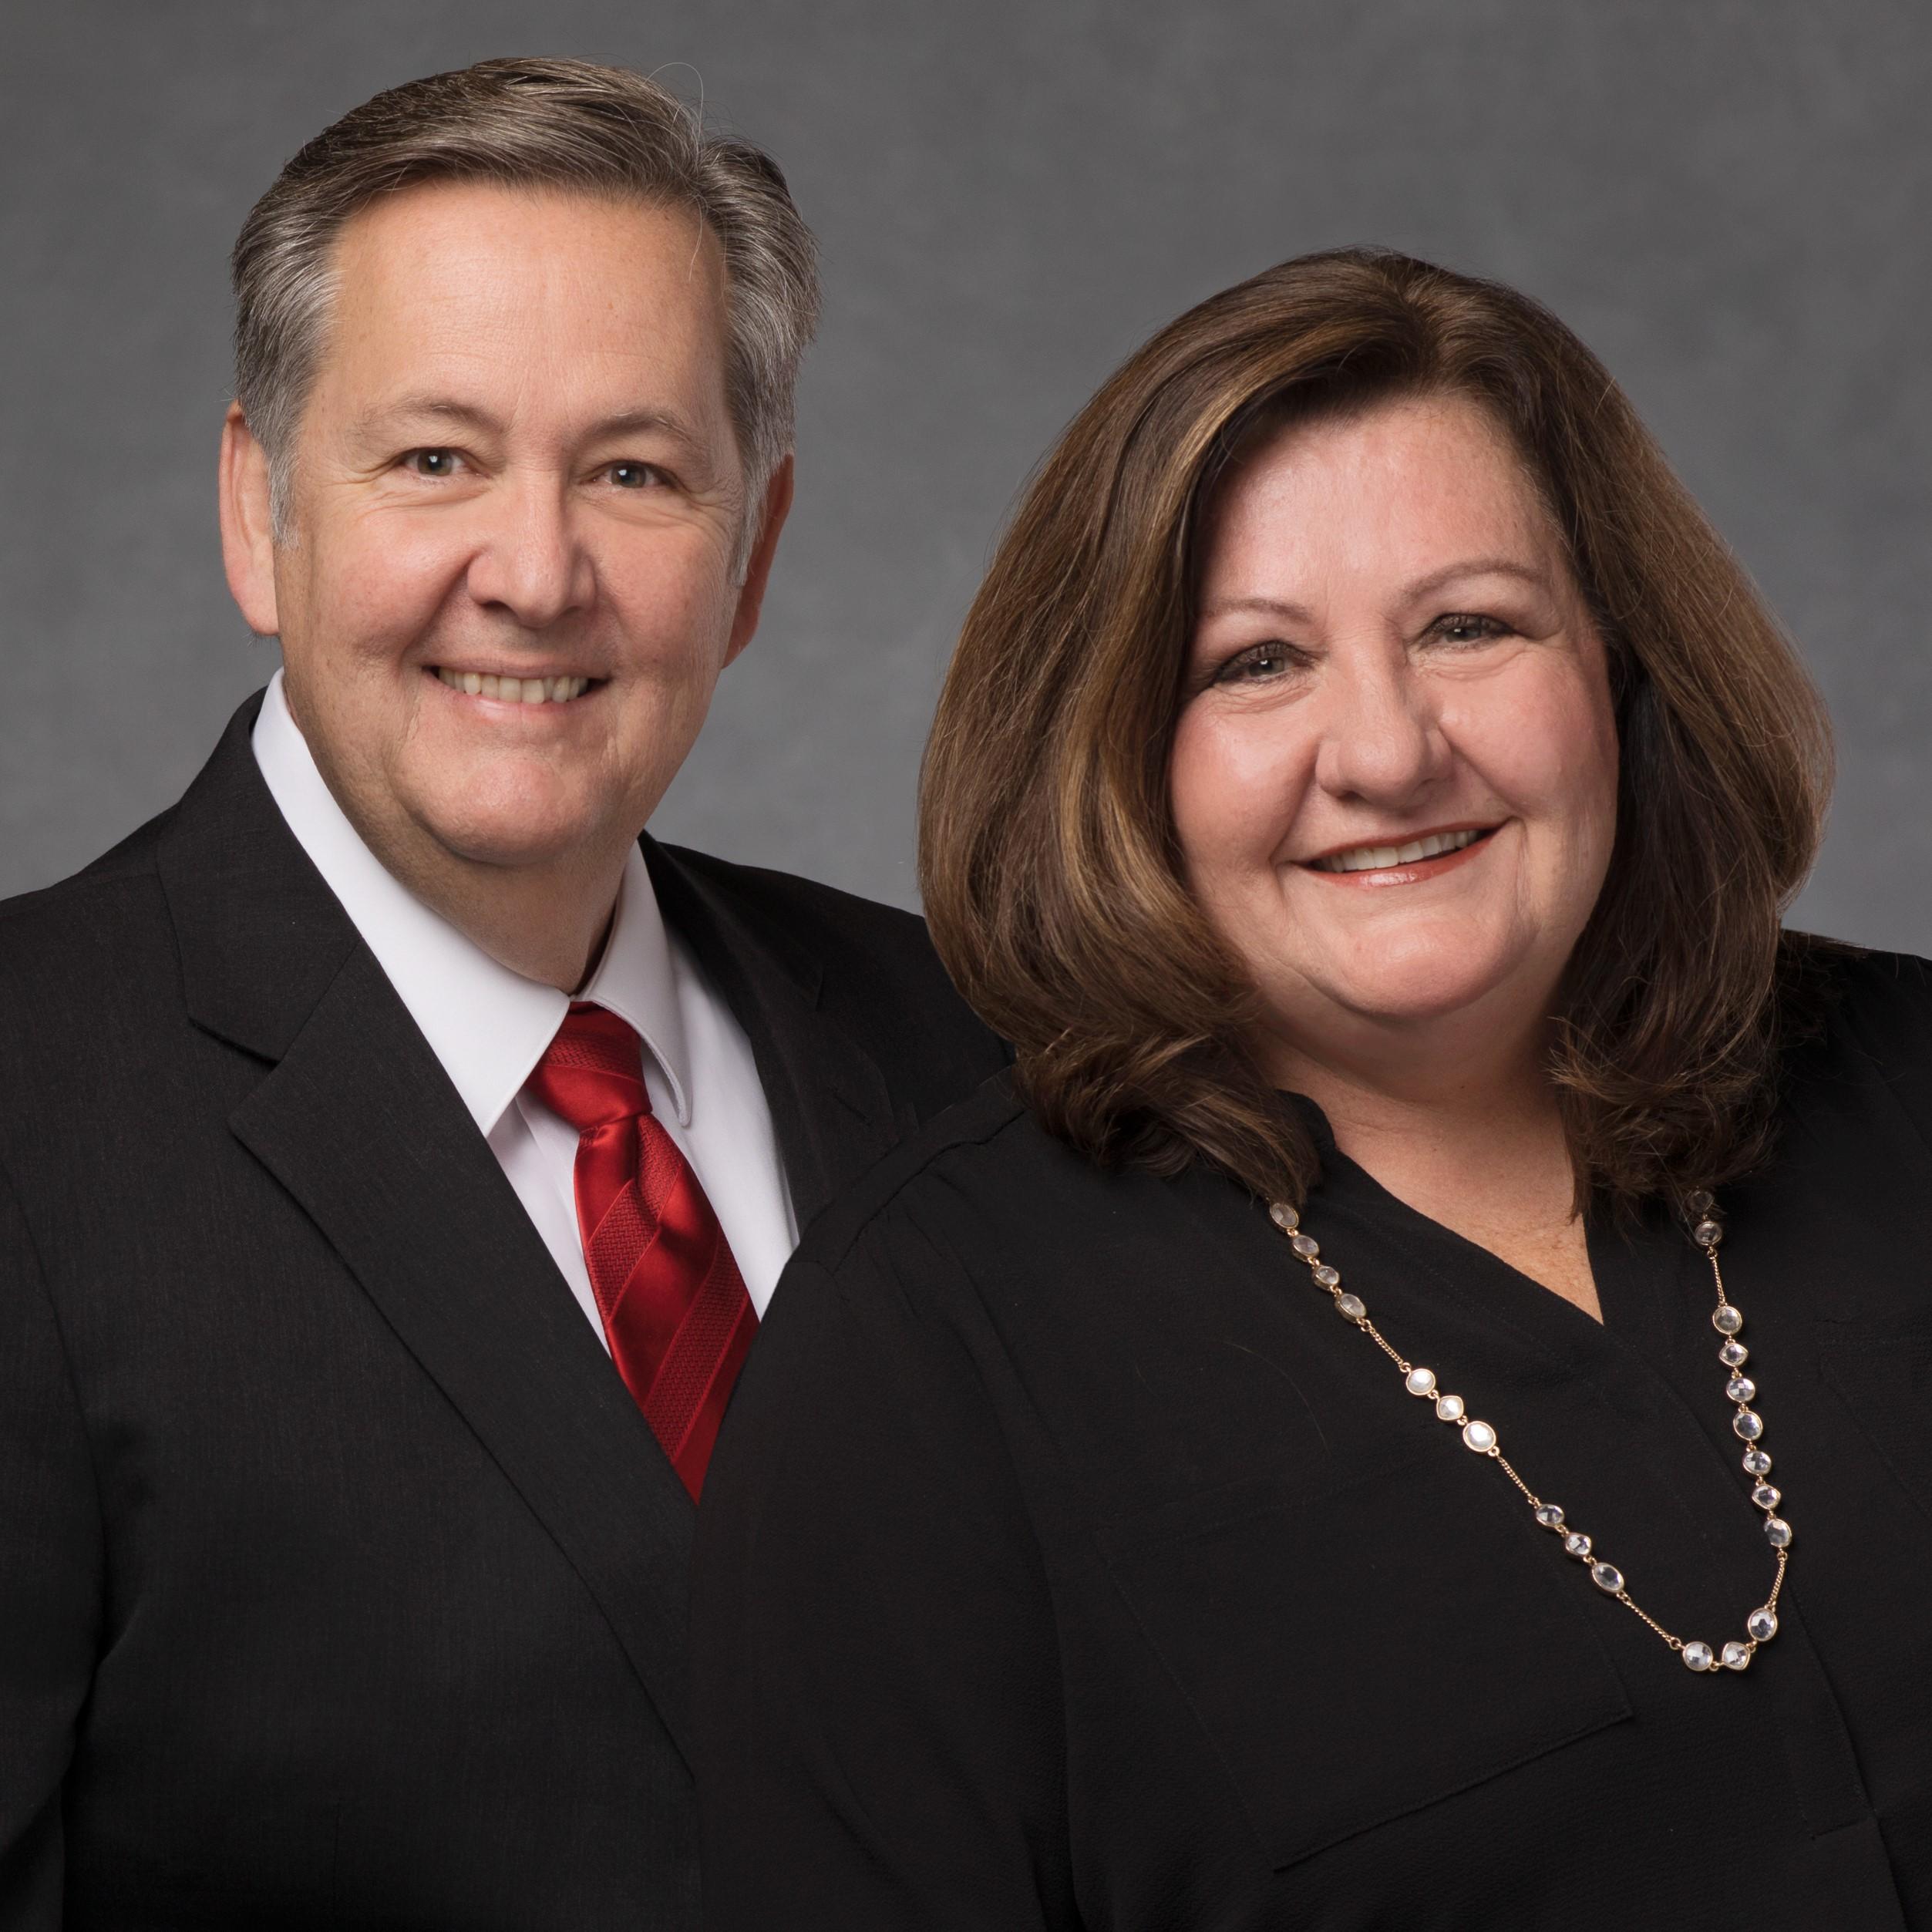 Jeffrey N. and Janeen D. Redd